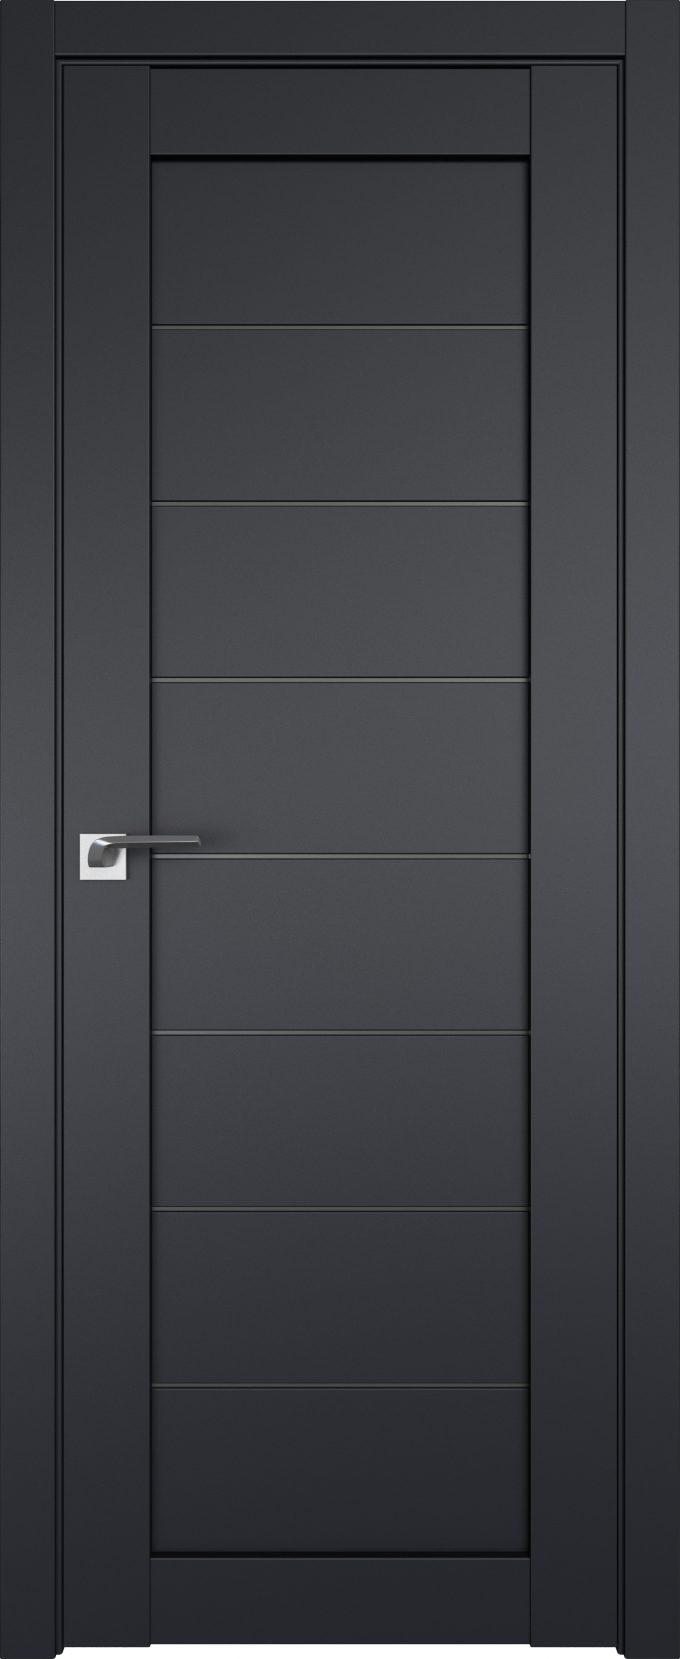 Межкомнатные двери Профильдорс экошпон 71U Черный матовый